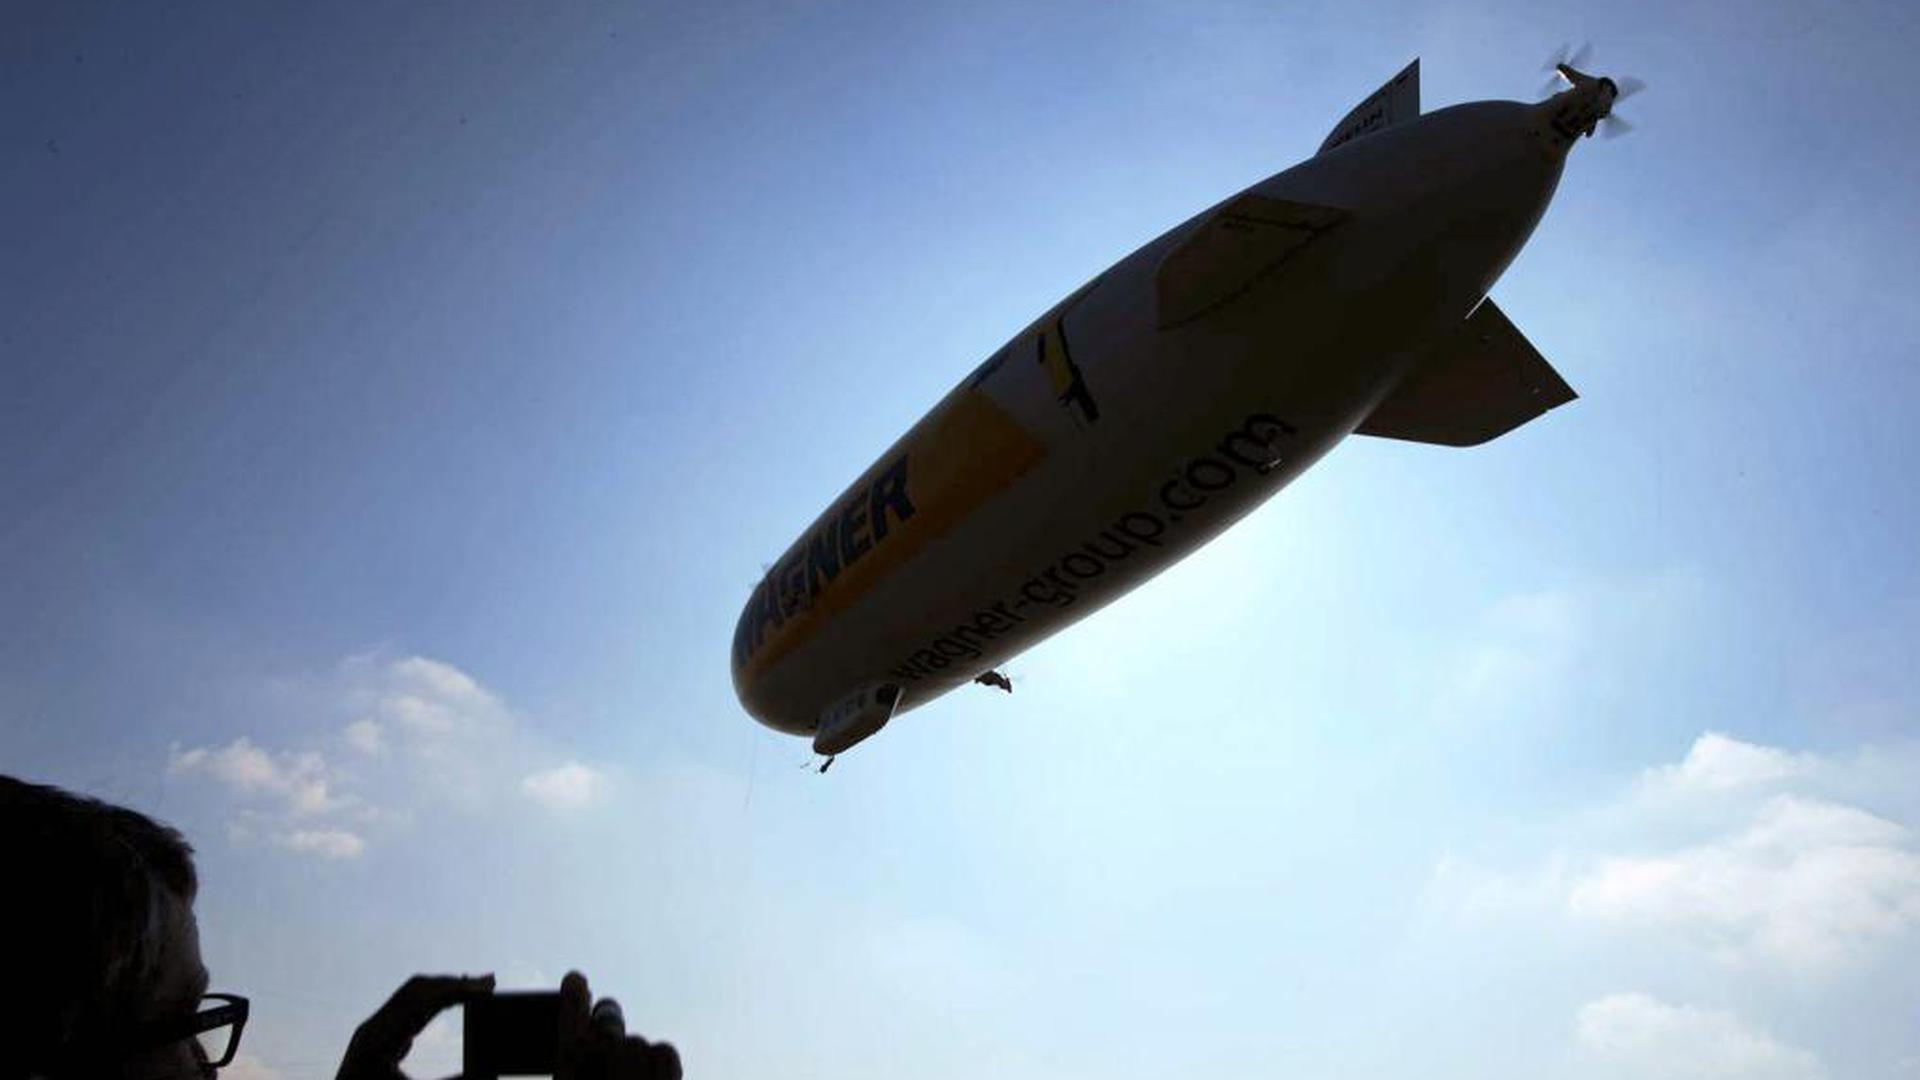 Ein echter Hingucker: Ein Mann fotografiert einen Zeppelin NT. Von Donnerstag bis Sonntag ist das Luftschiff mit der Form einer Zigarre auf dem Flugplatz Oos stationiert und hebt dann zu Rundflügen ab.